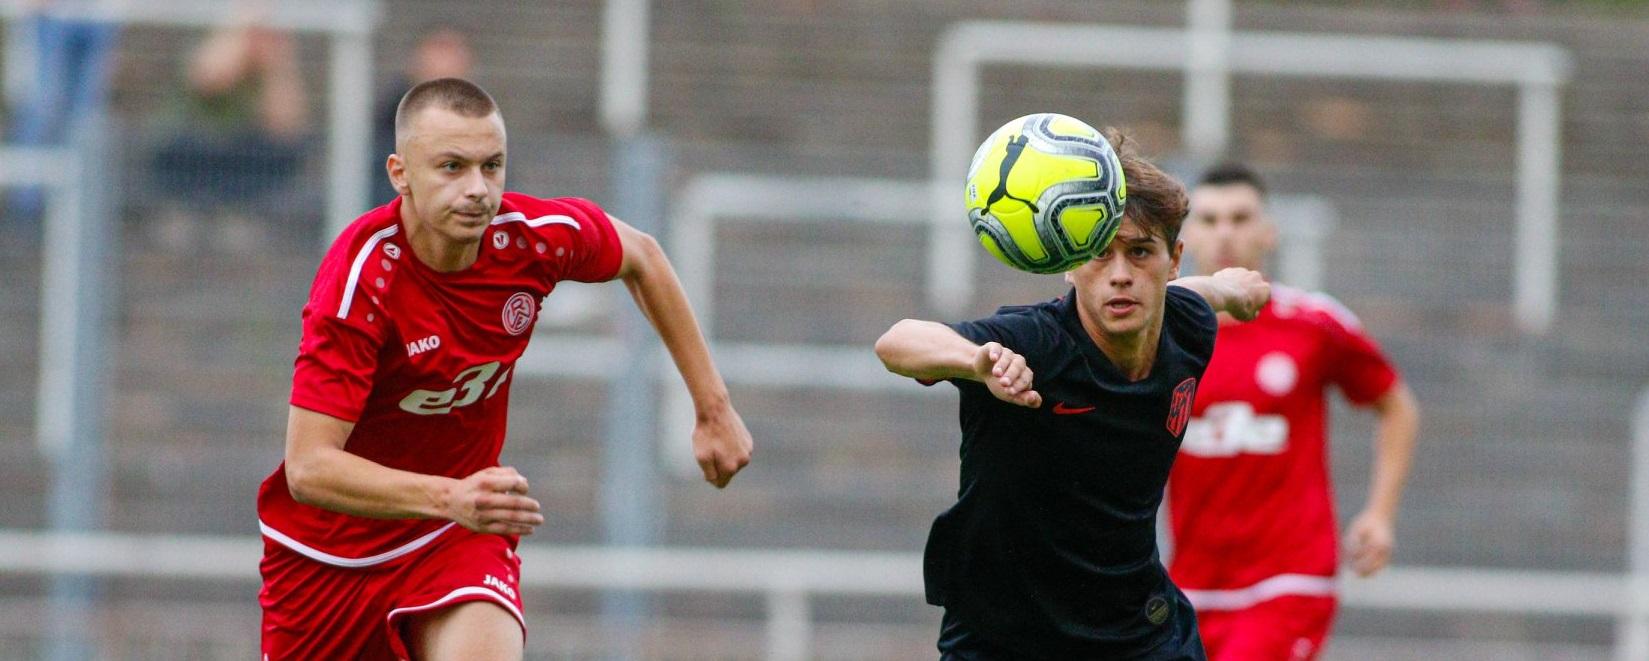 Mit 2:0 besiegte die rot-weisse U19 den VfB Homberg. (Foto: Breilmannswiese)